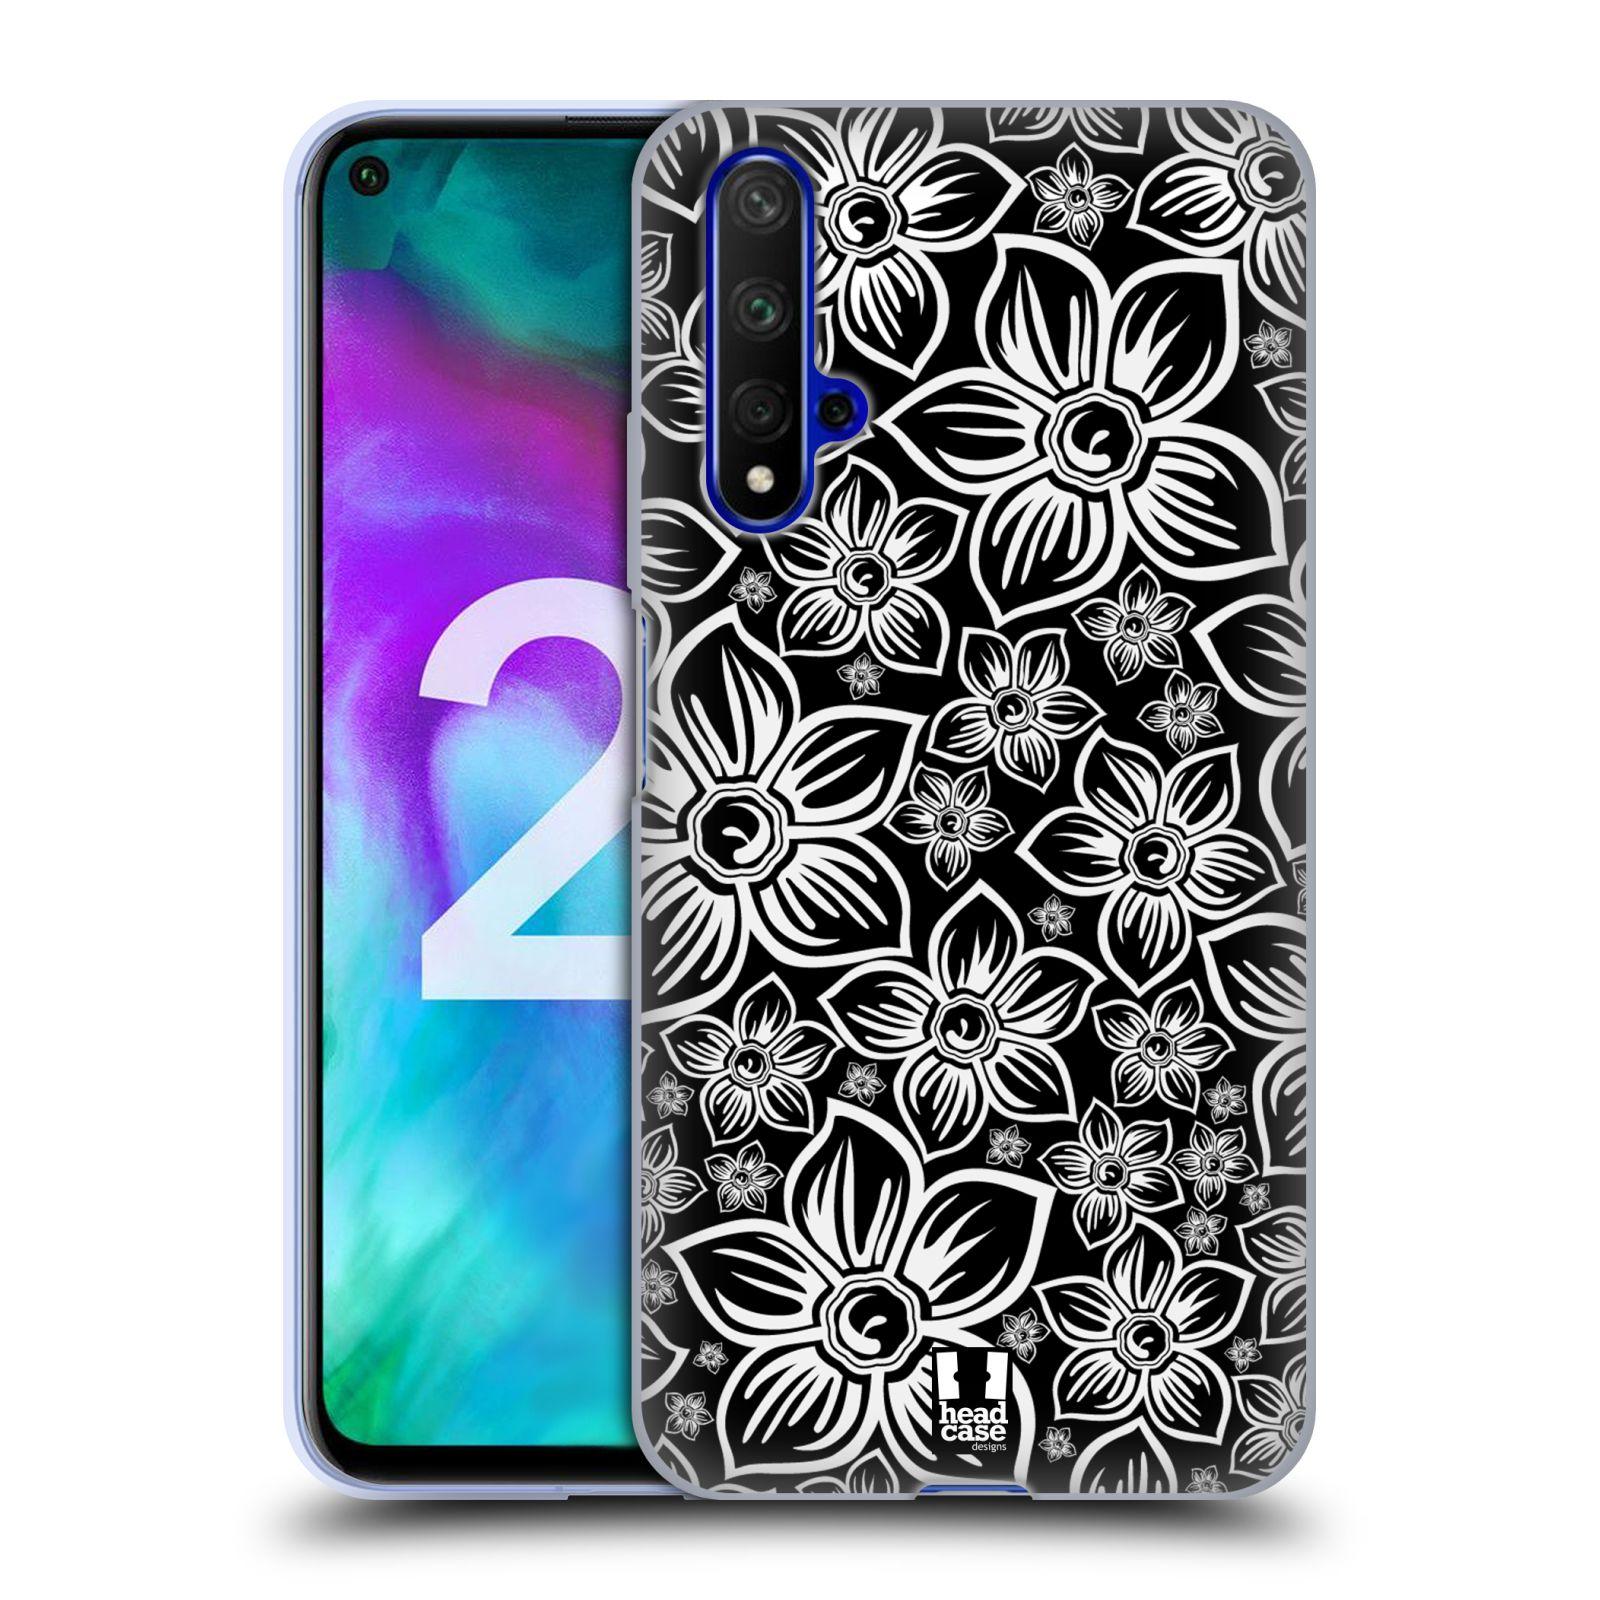 Silikonové pouzdro na mobil Honor 20 - Head Case - FLORAL DAISY